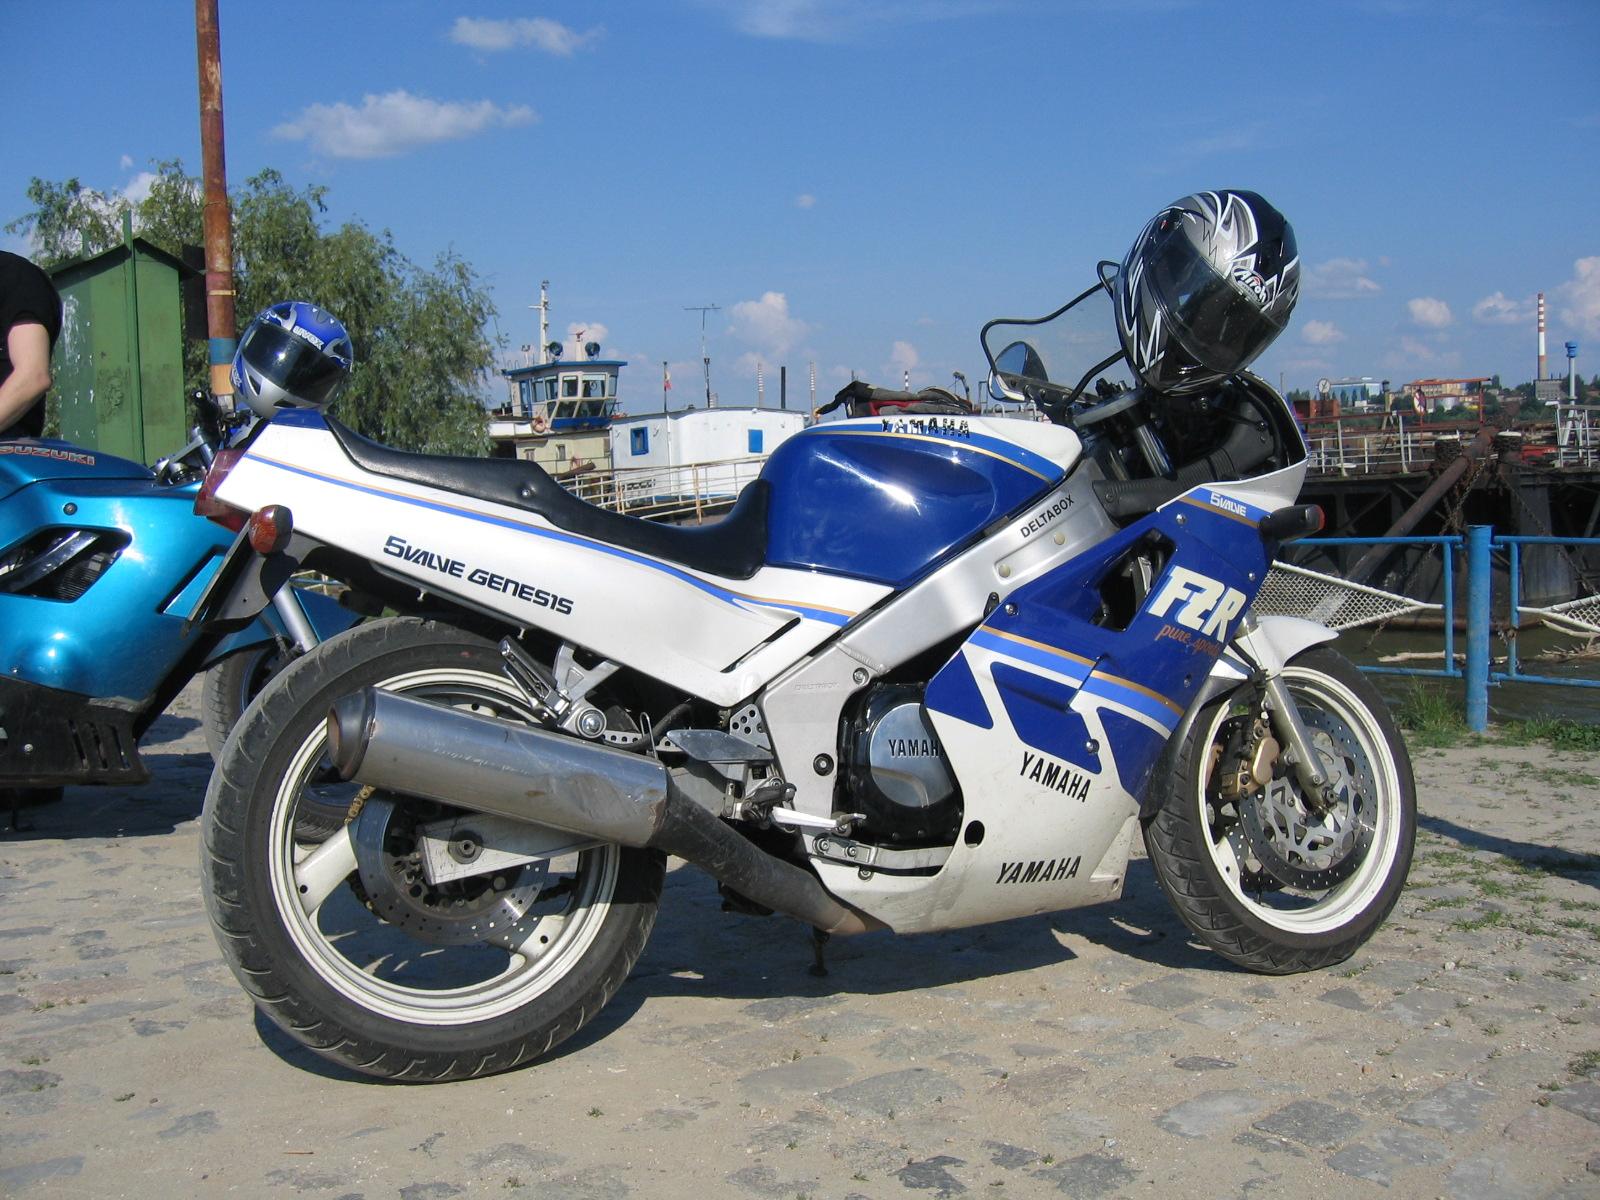 Kawasaki Lt